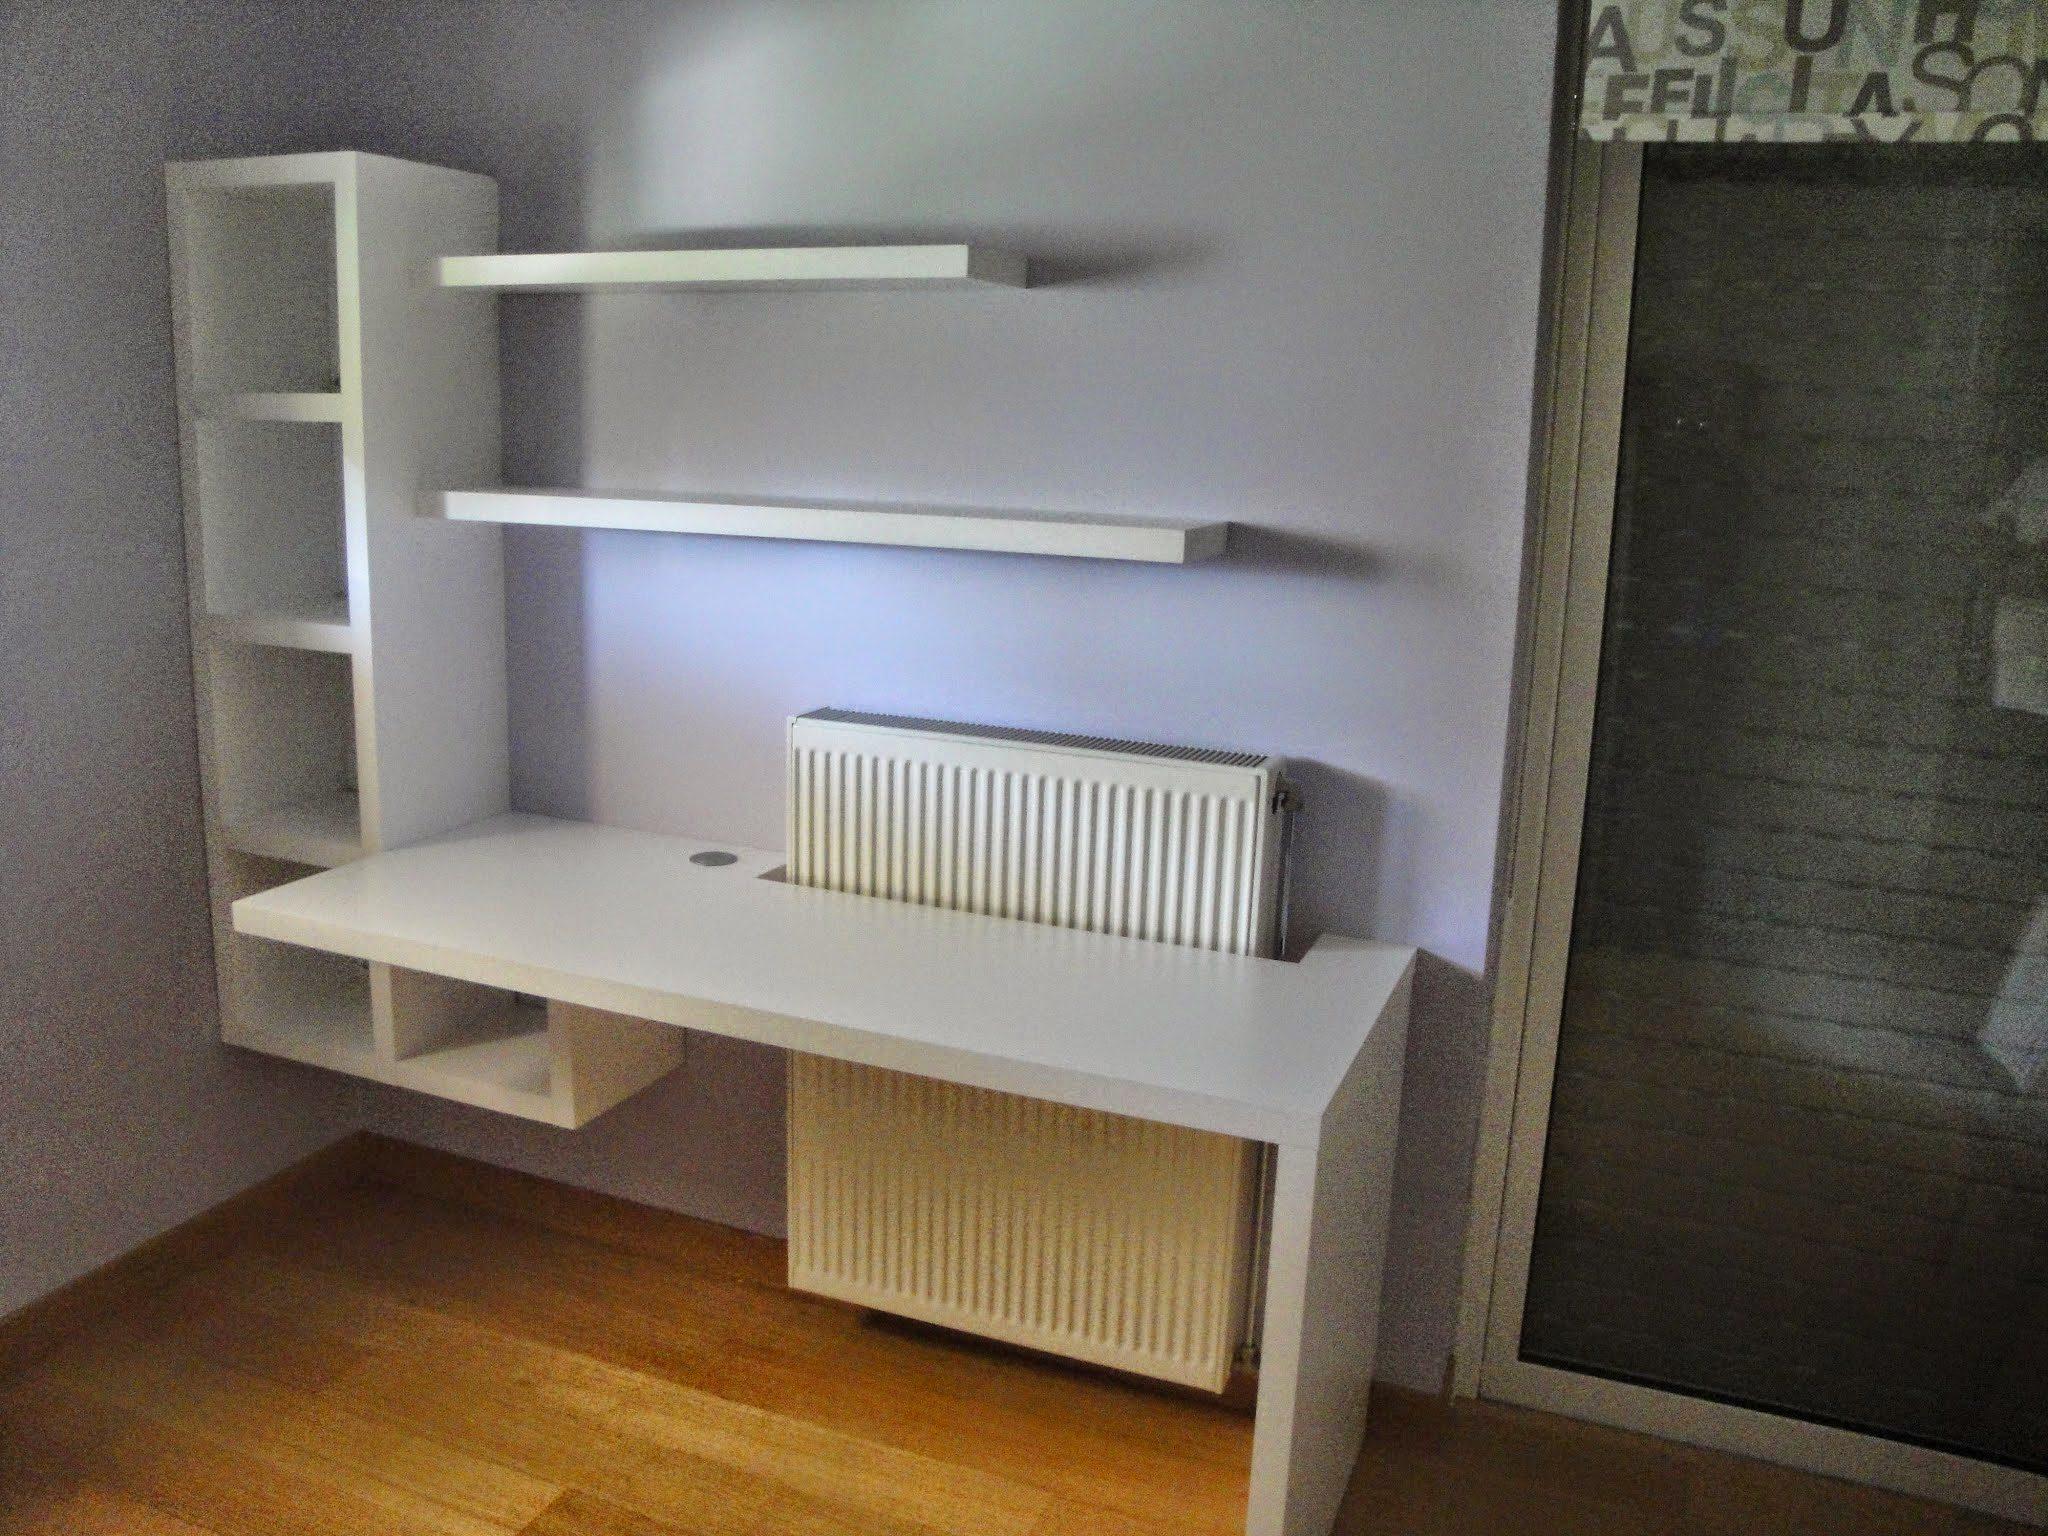 Γραφείο και βιβλιοθήκη σε δύσκολο χώρο με σώμα καλοριφέρ. Λακαριστό λευκό.